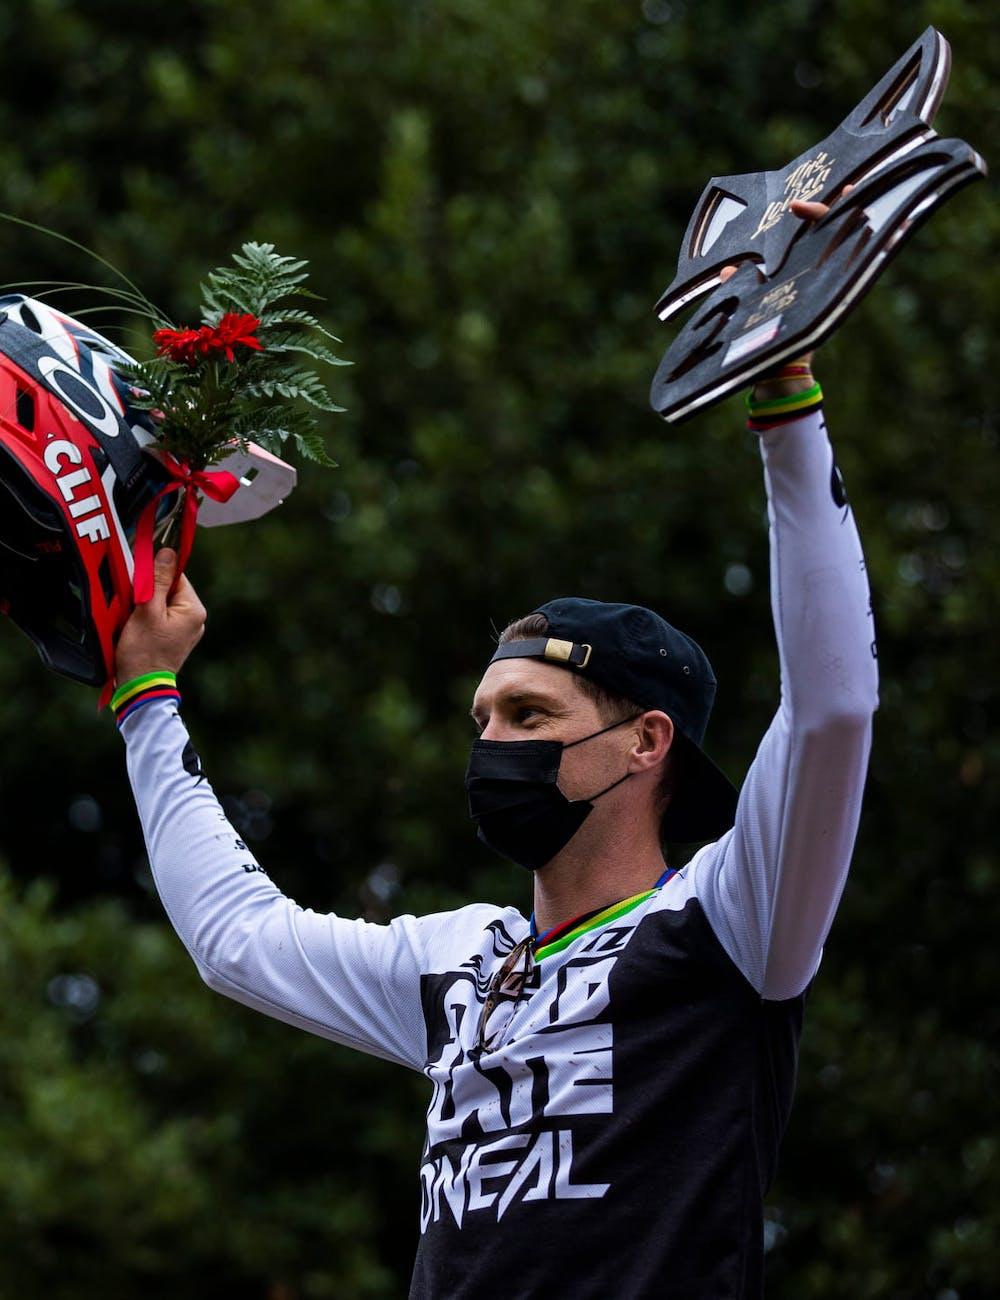 Greg Minnaar celebrating a World Cup DH win